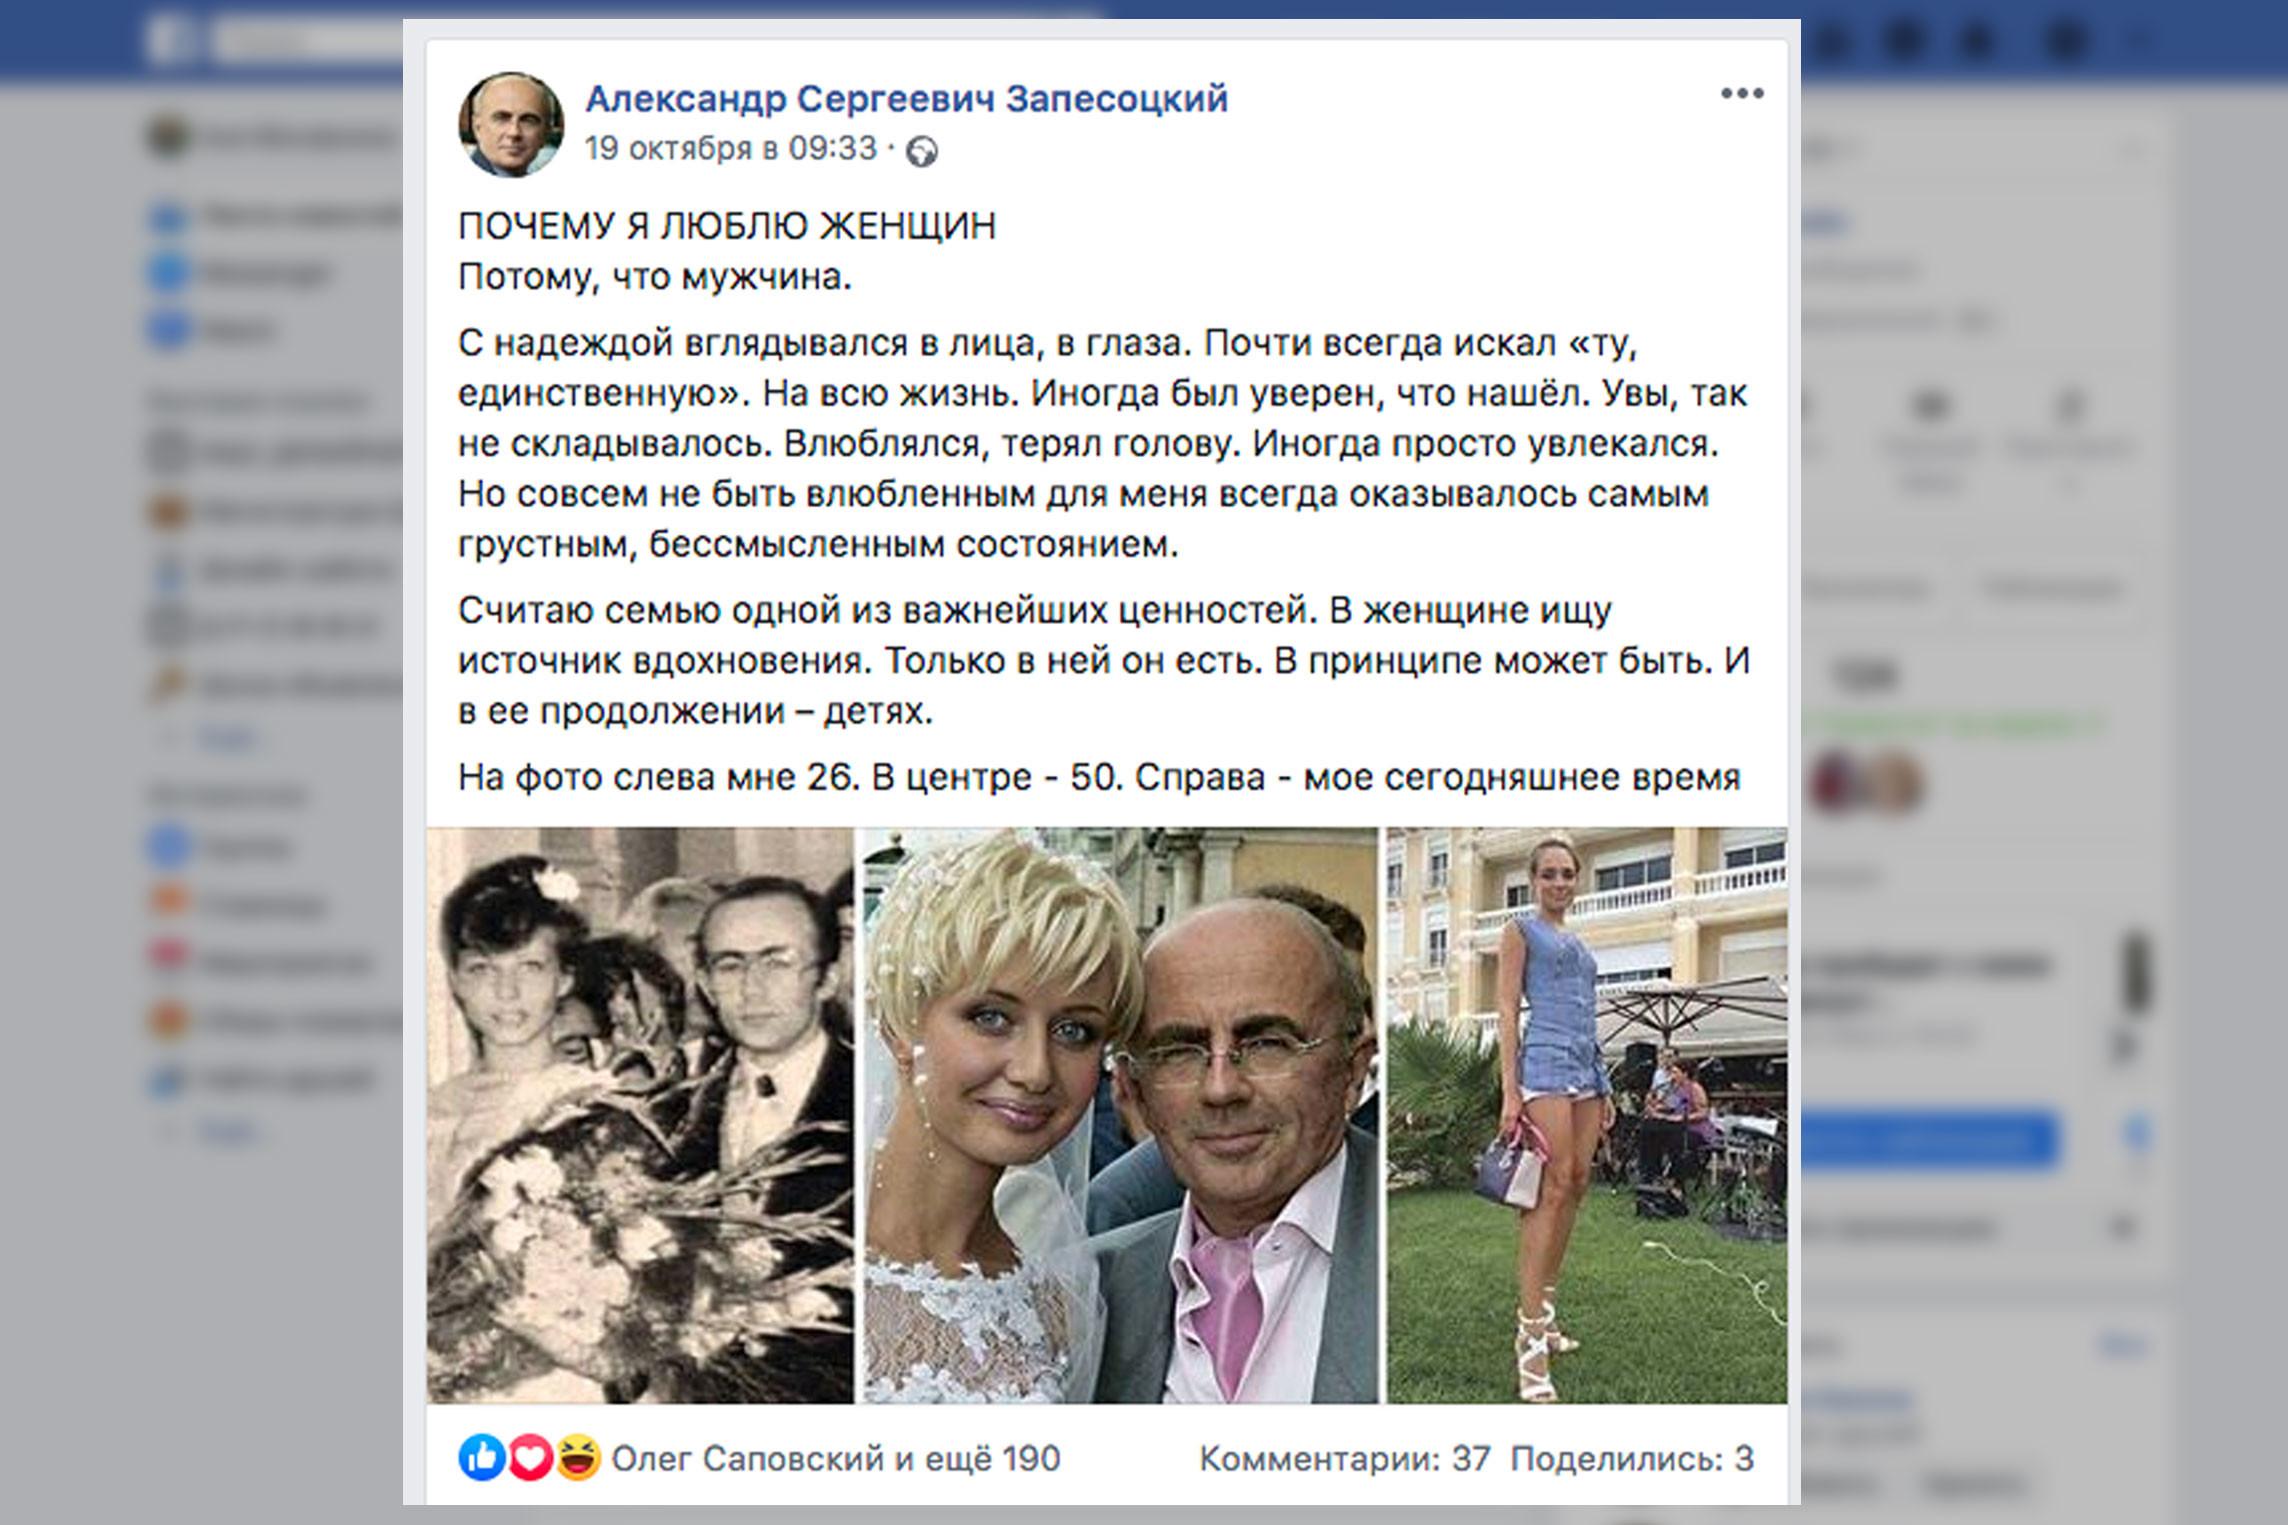 Три официальные жены Запесоцкого. Фото © Facebook / Александр Сергеевич Запесоцкий